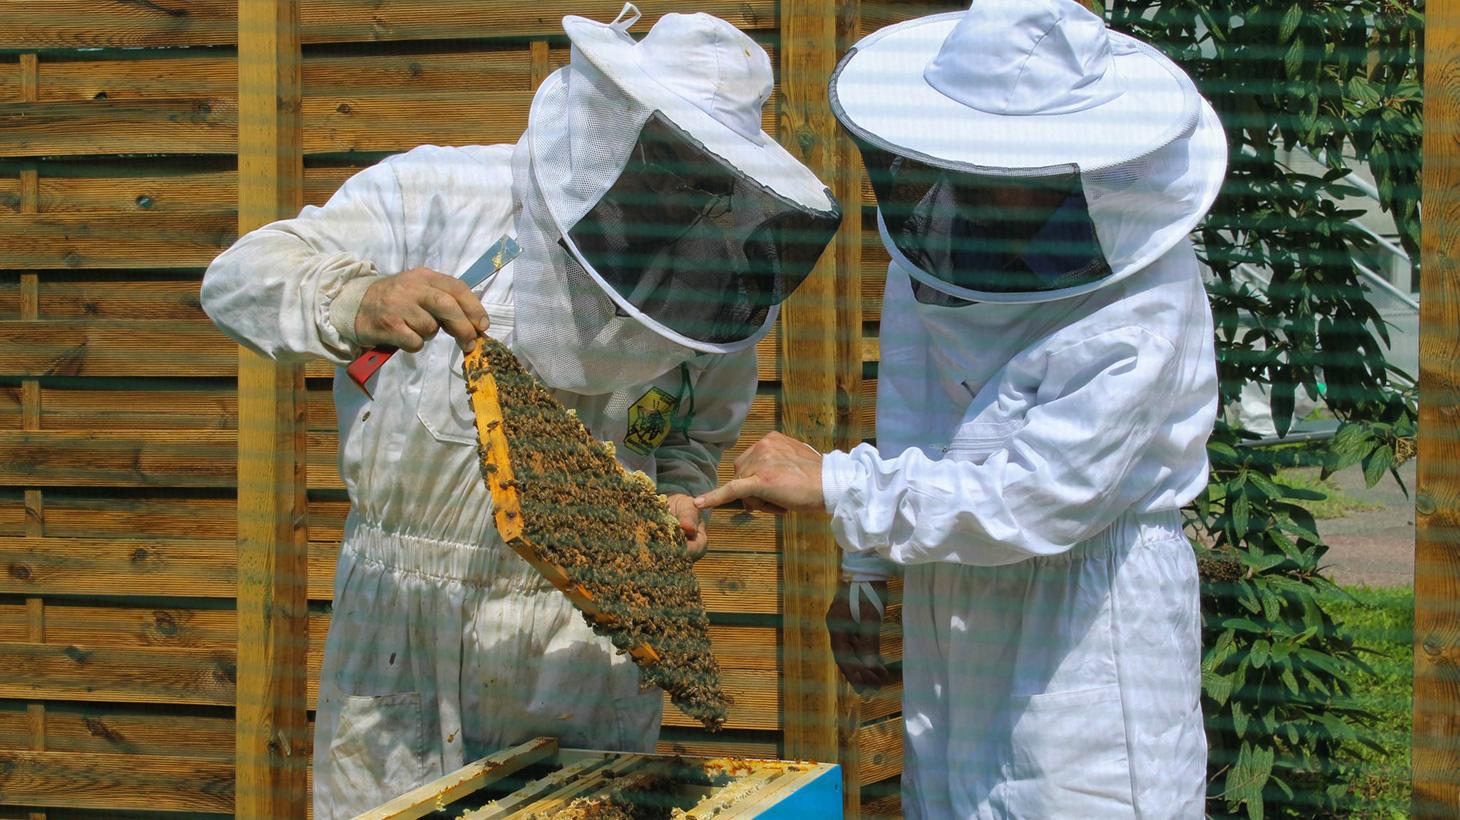 Les abeilles sont en pleine en santé ! Une semaine après leur arrivée, deux nouveaux cadres ont rajoutés dans chacune des ruches